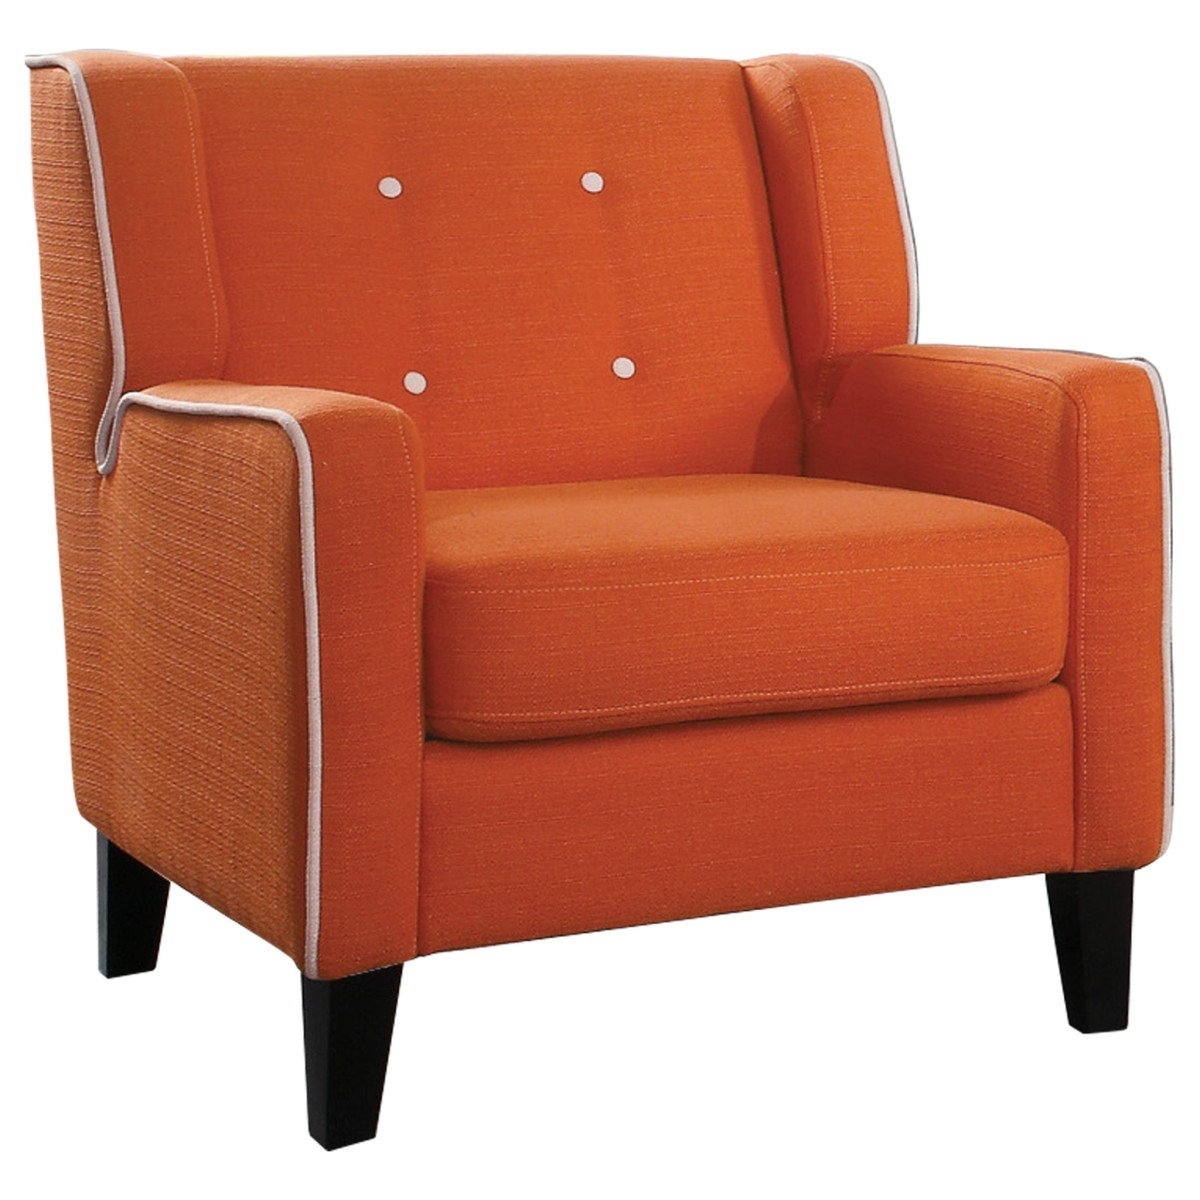 1218rn 1 Accent Chair